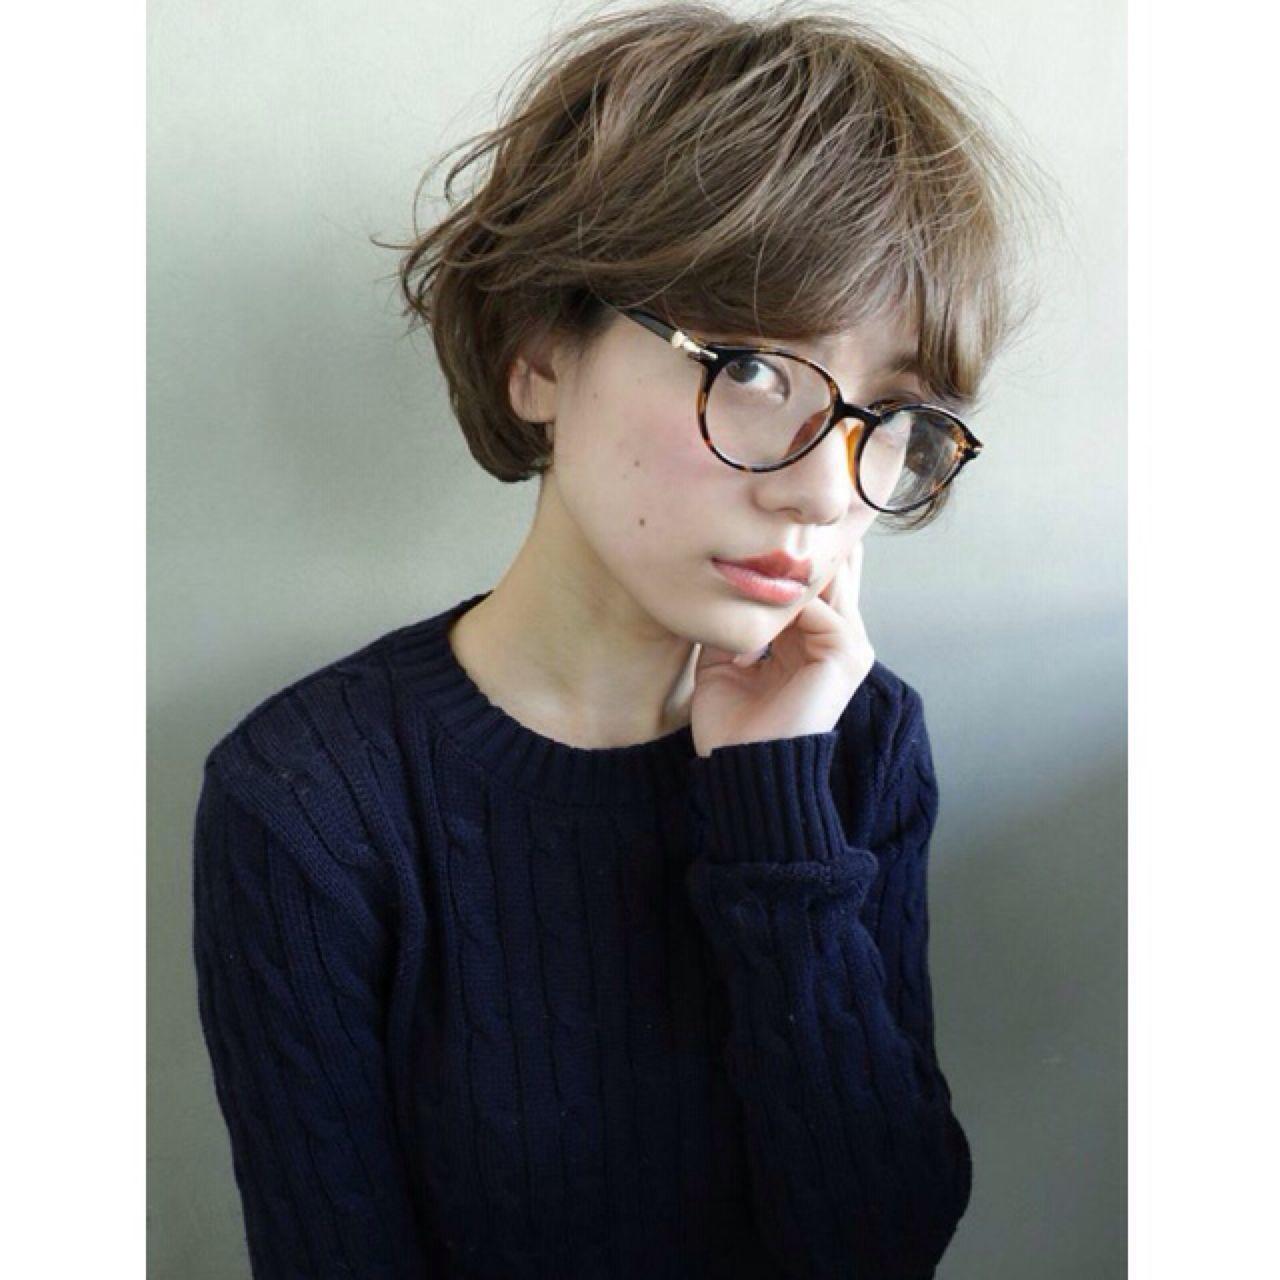 《最新ボブヘアカタログ》年代別に人気ヘアスタイル・アレンジ紹介♡の13枚目の画像